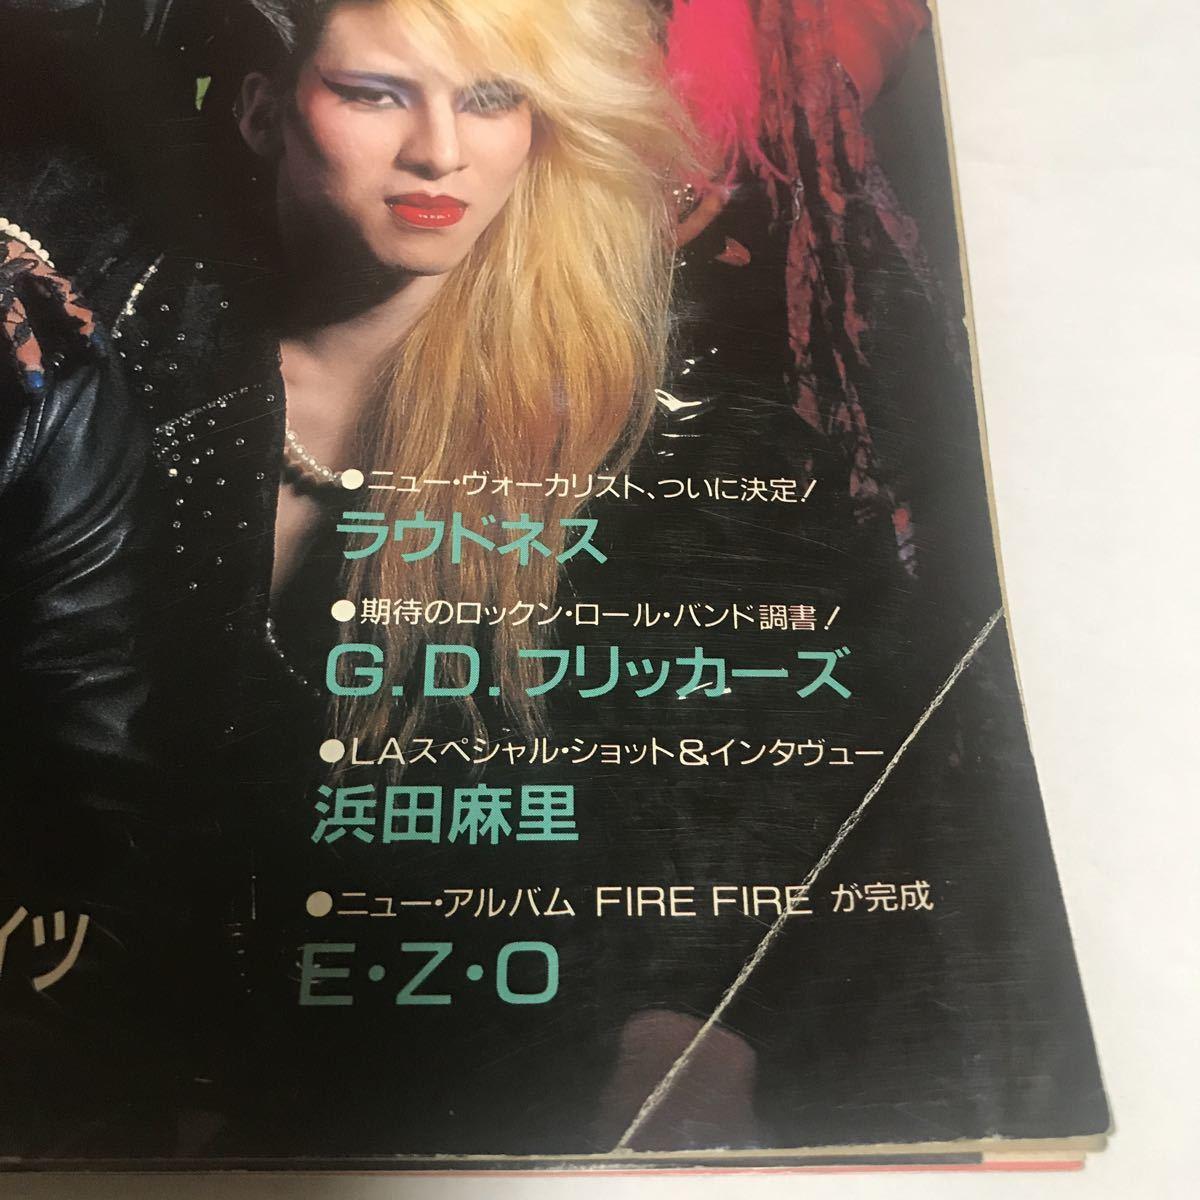 【貴重】 X JAPAN 表紙 ロッキンf 89年5月号 YOSHIKI TAIJI hide xjapan エックス ジャパメタ デランジェ 音楽雑誌 本 ZIGGY 44マグナム_画像4